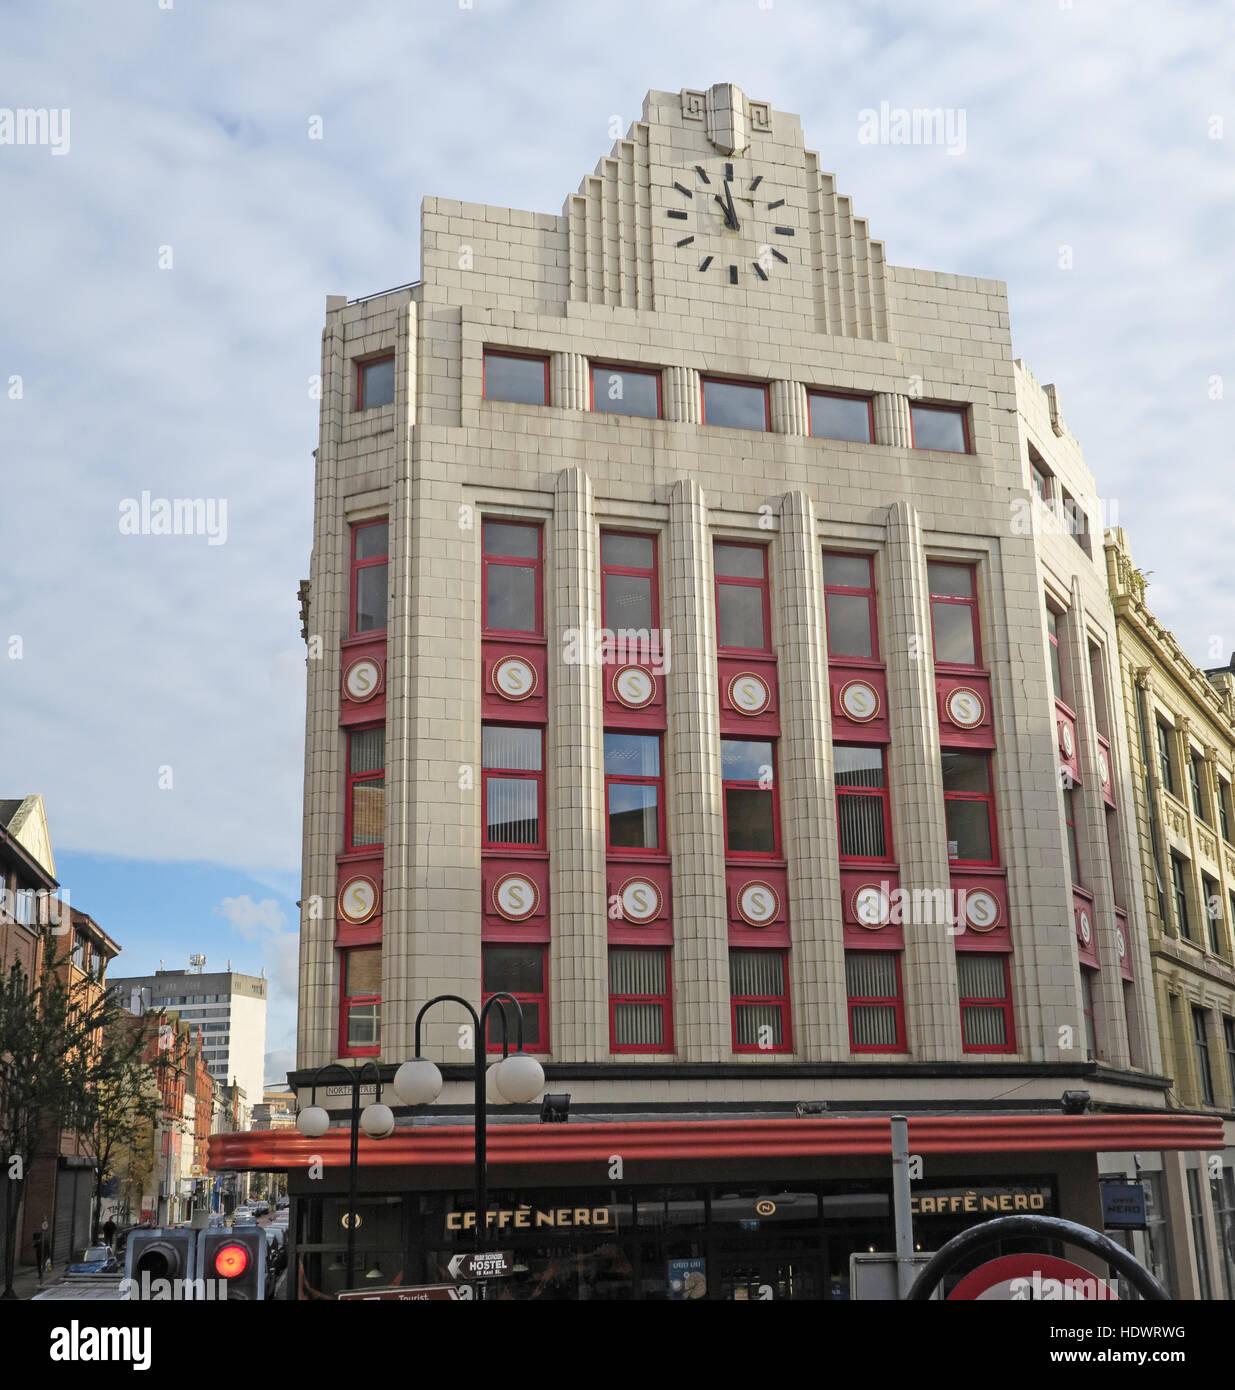 Laden Sie dieses Alamy Stockfoto North St Belfast Gebäude, Stadtzentrum, Nordirland, Vereinigtes Königreich - HDWRWG